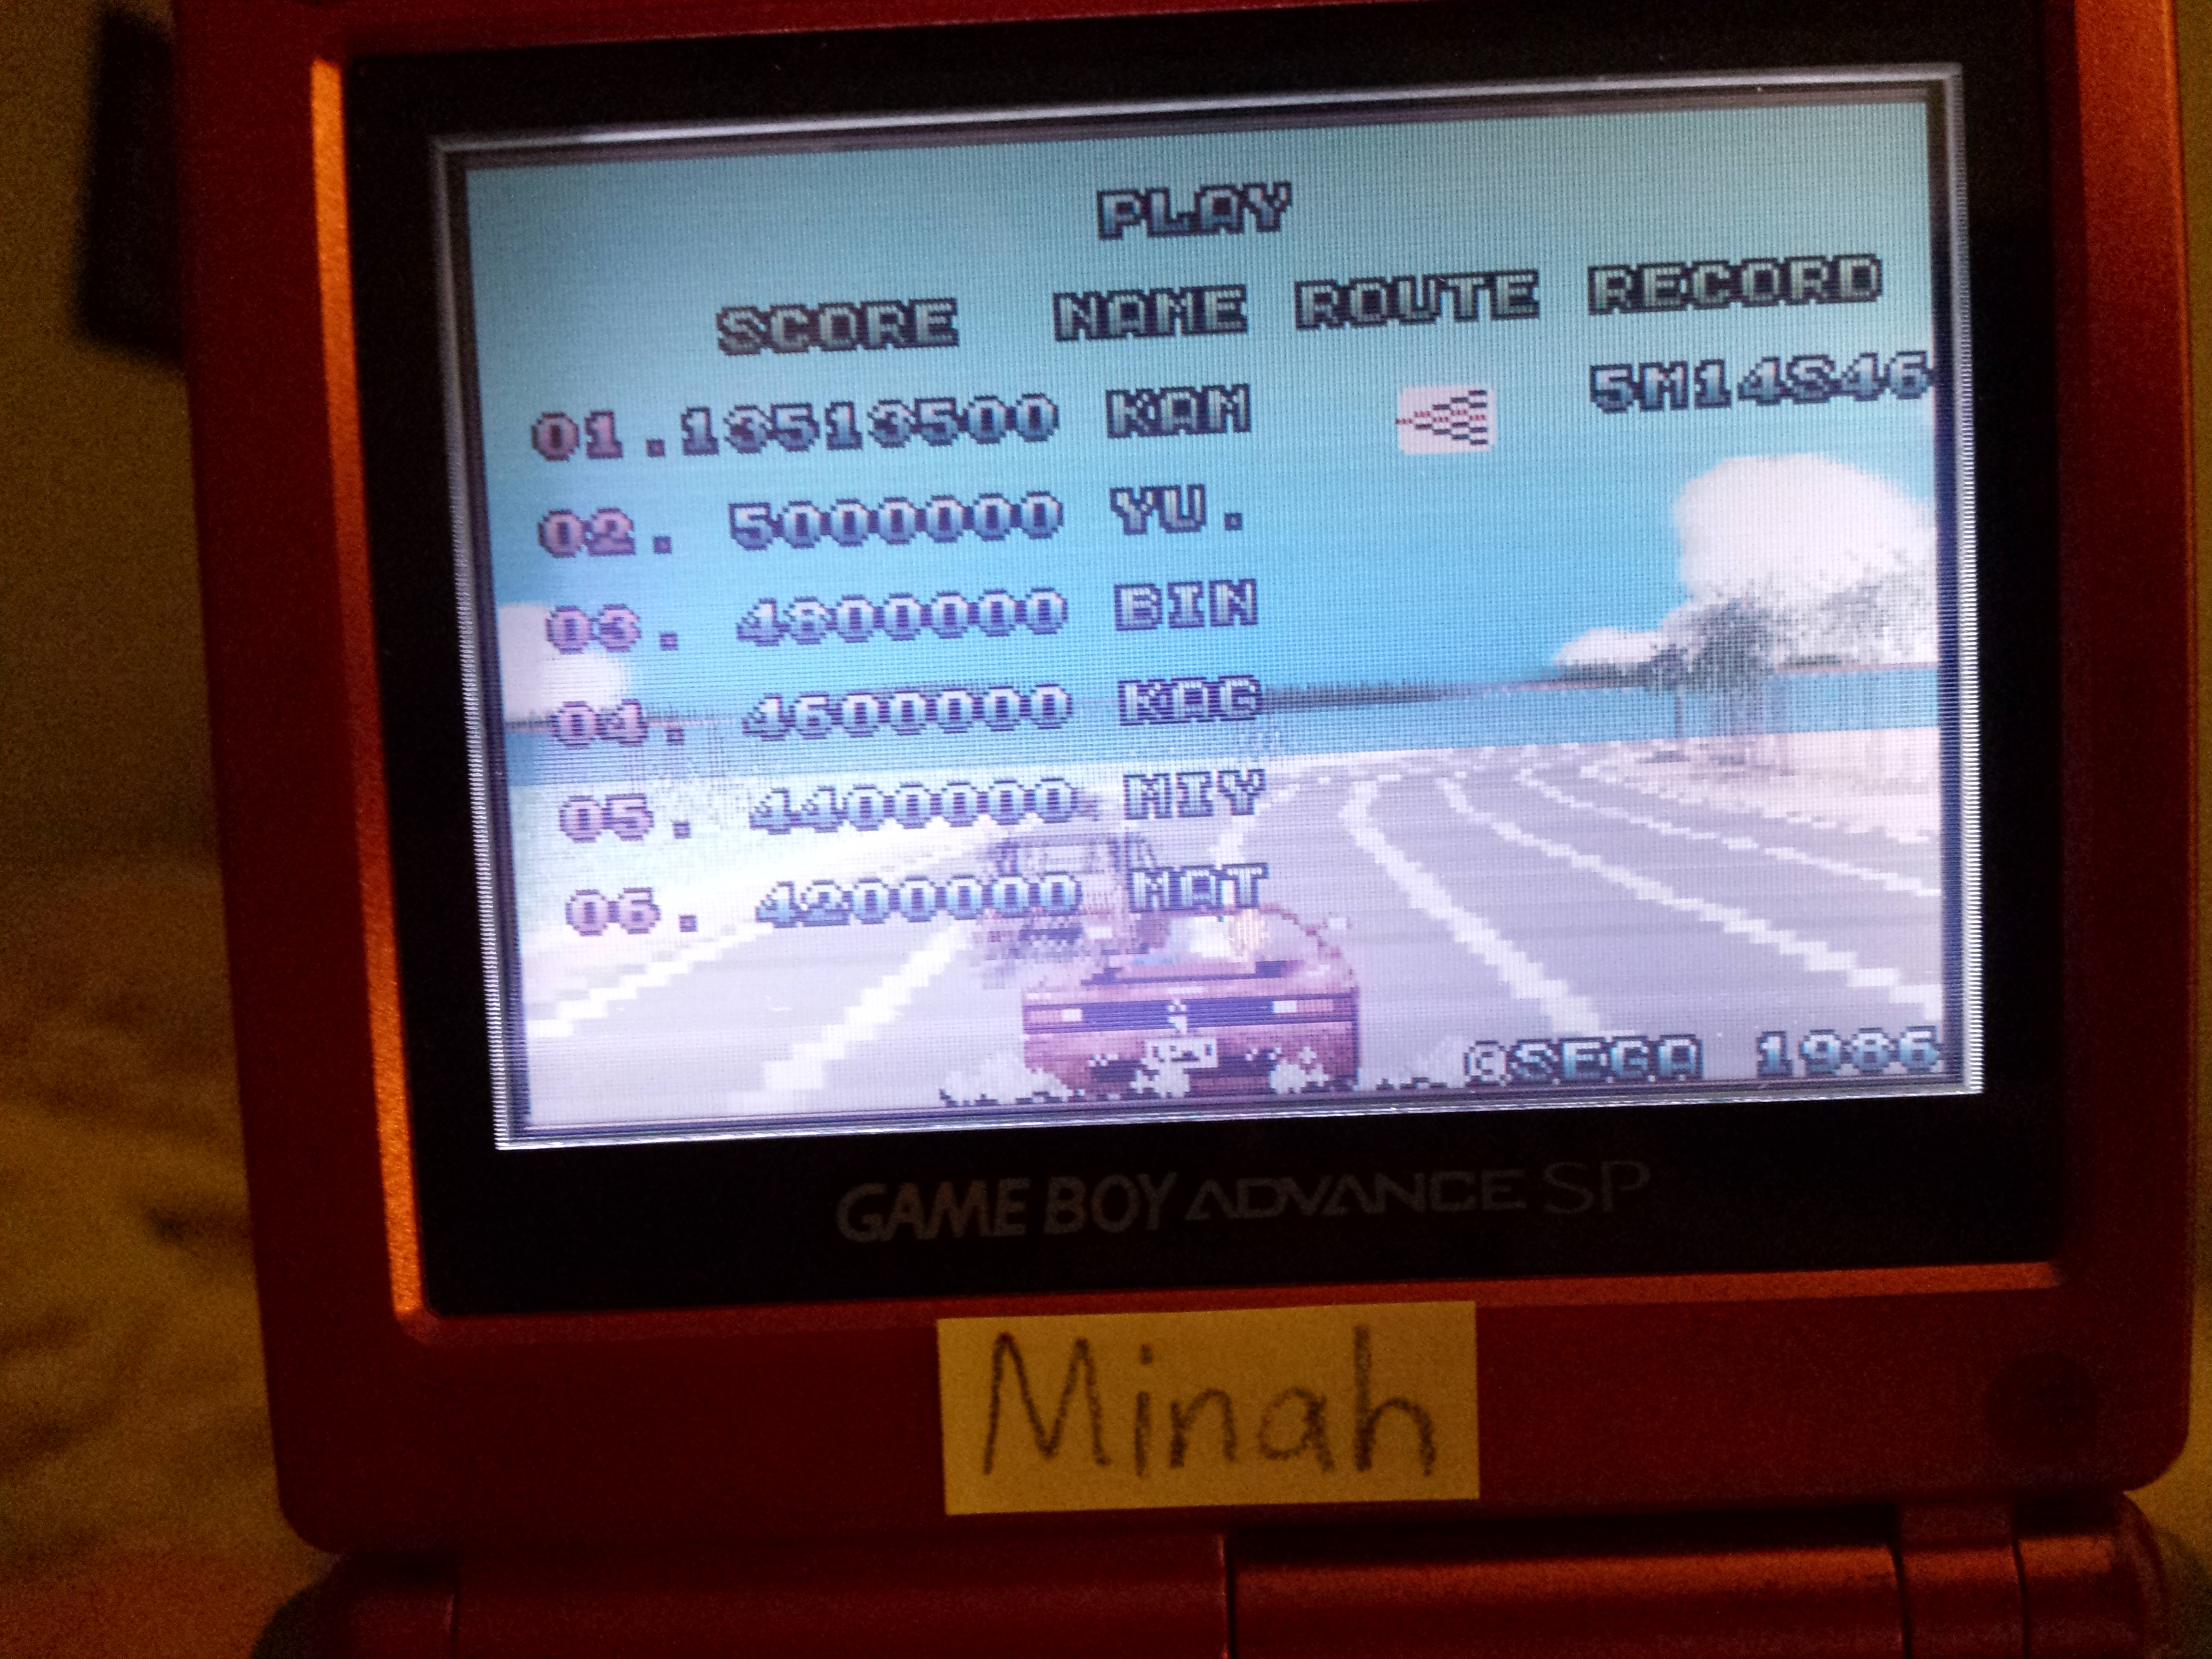 Sega Arcade Gallery: Outrun 13,513,500 points